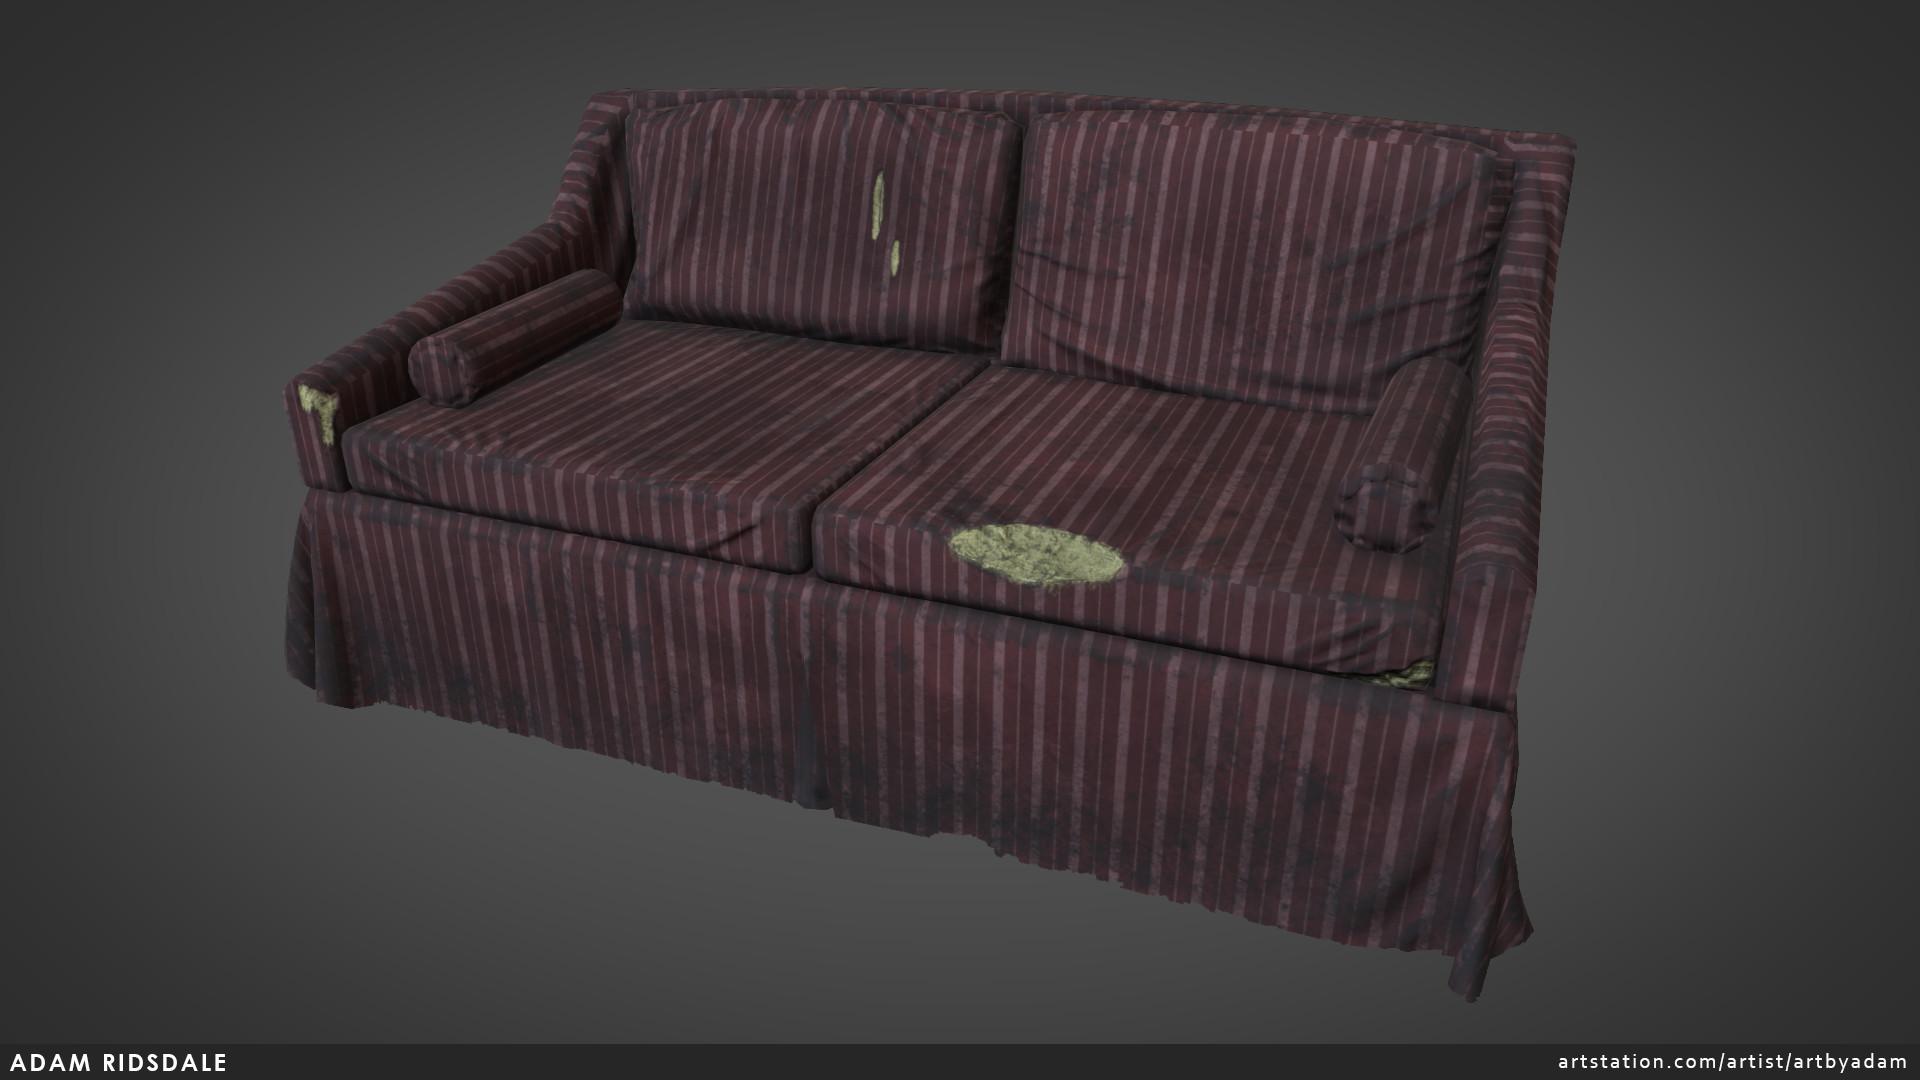 Adam ridsdale sofa01